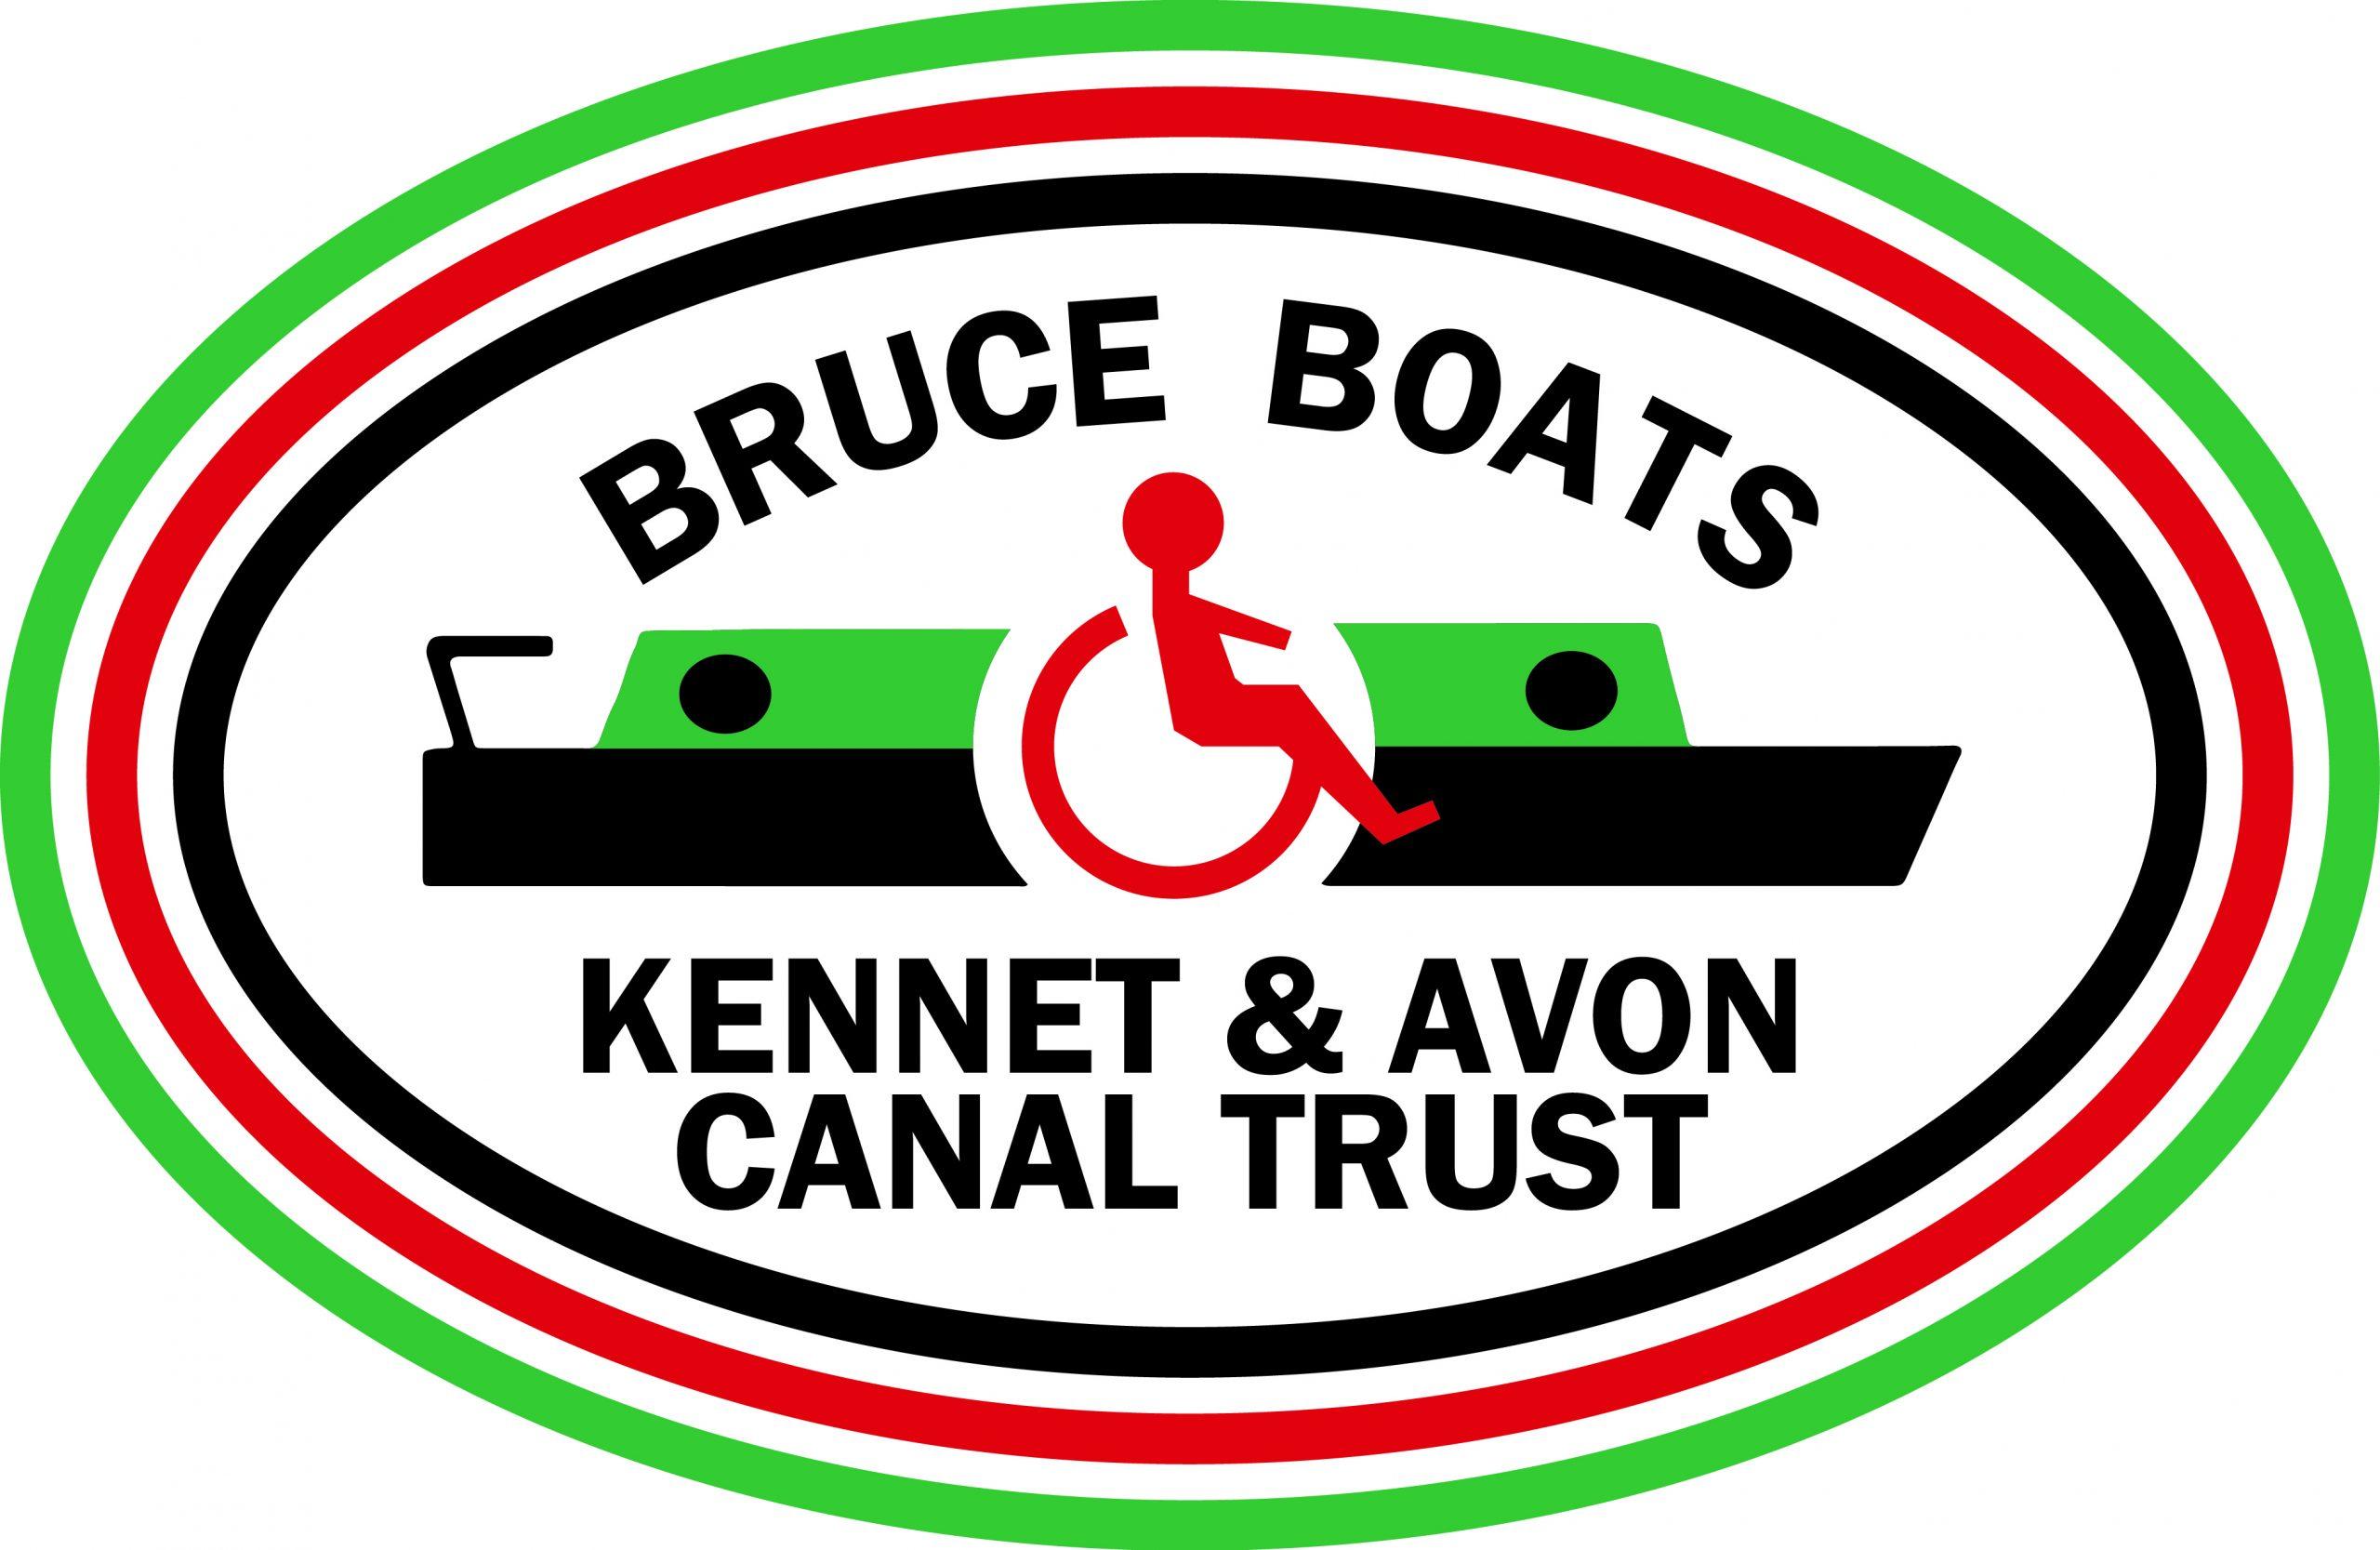 Bruce Boats